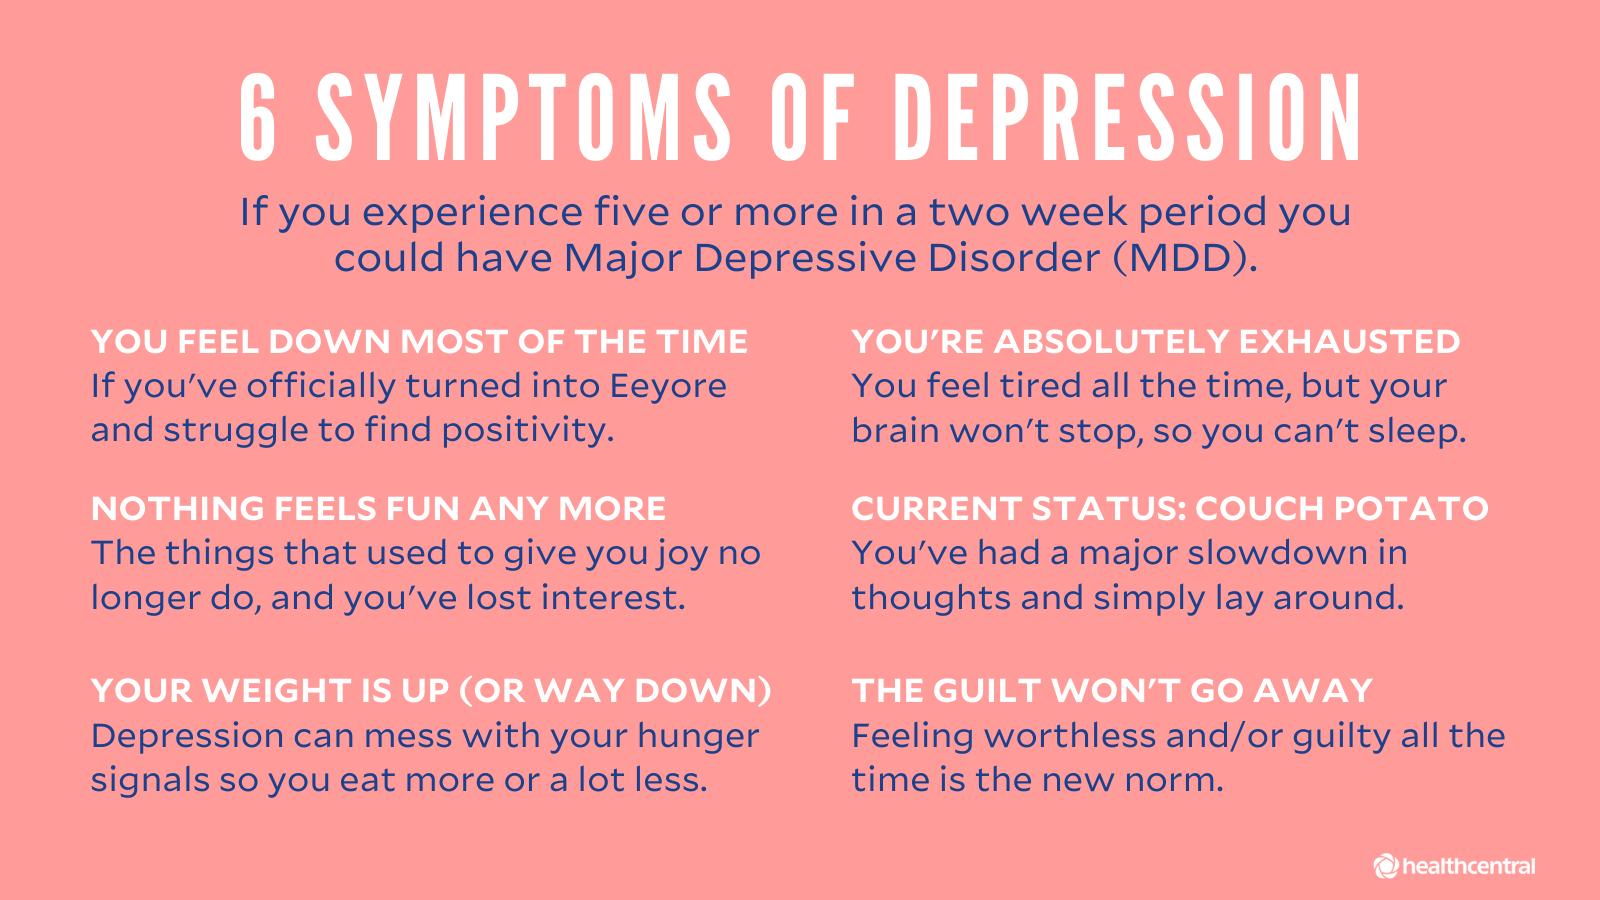 DEP_info_symptoms